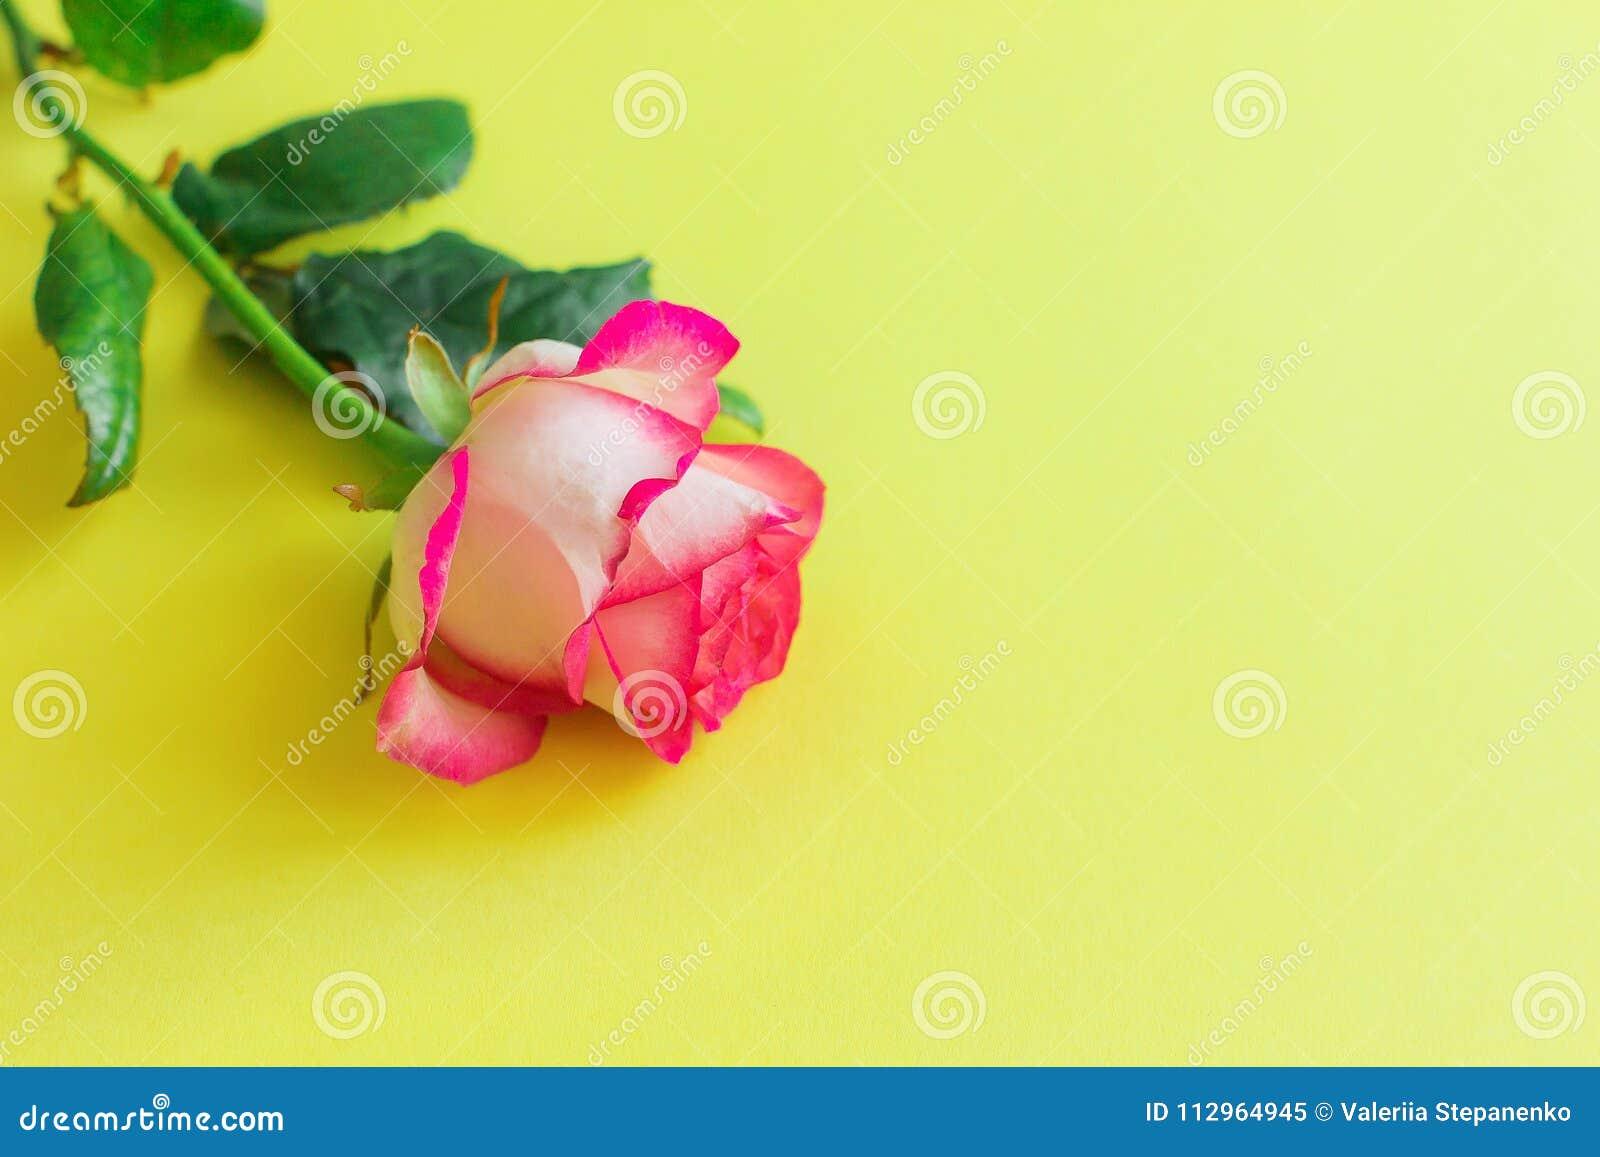 Flor da rosa do rosa em um fundo amarelo brilhante horizontalmente